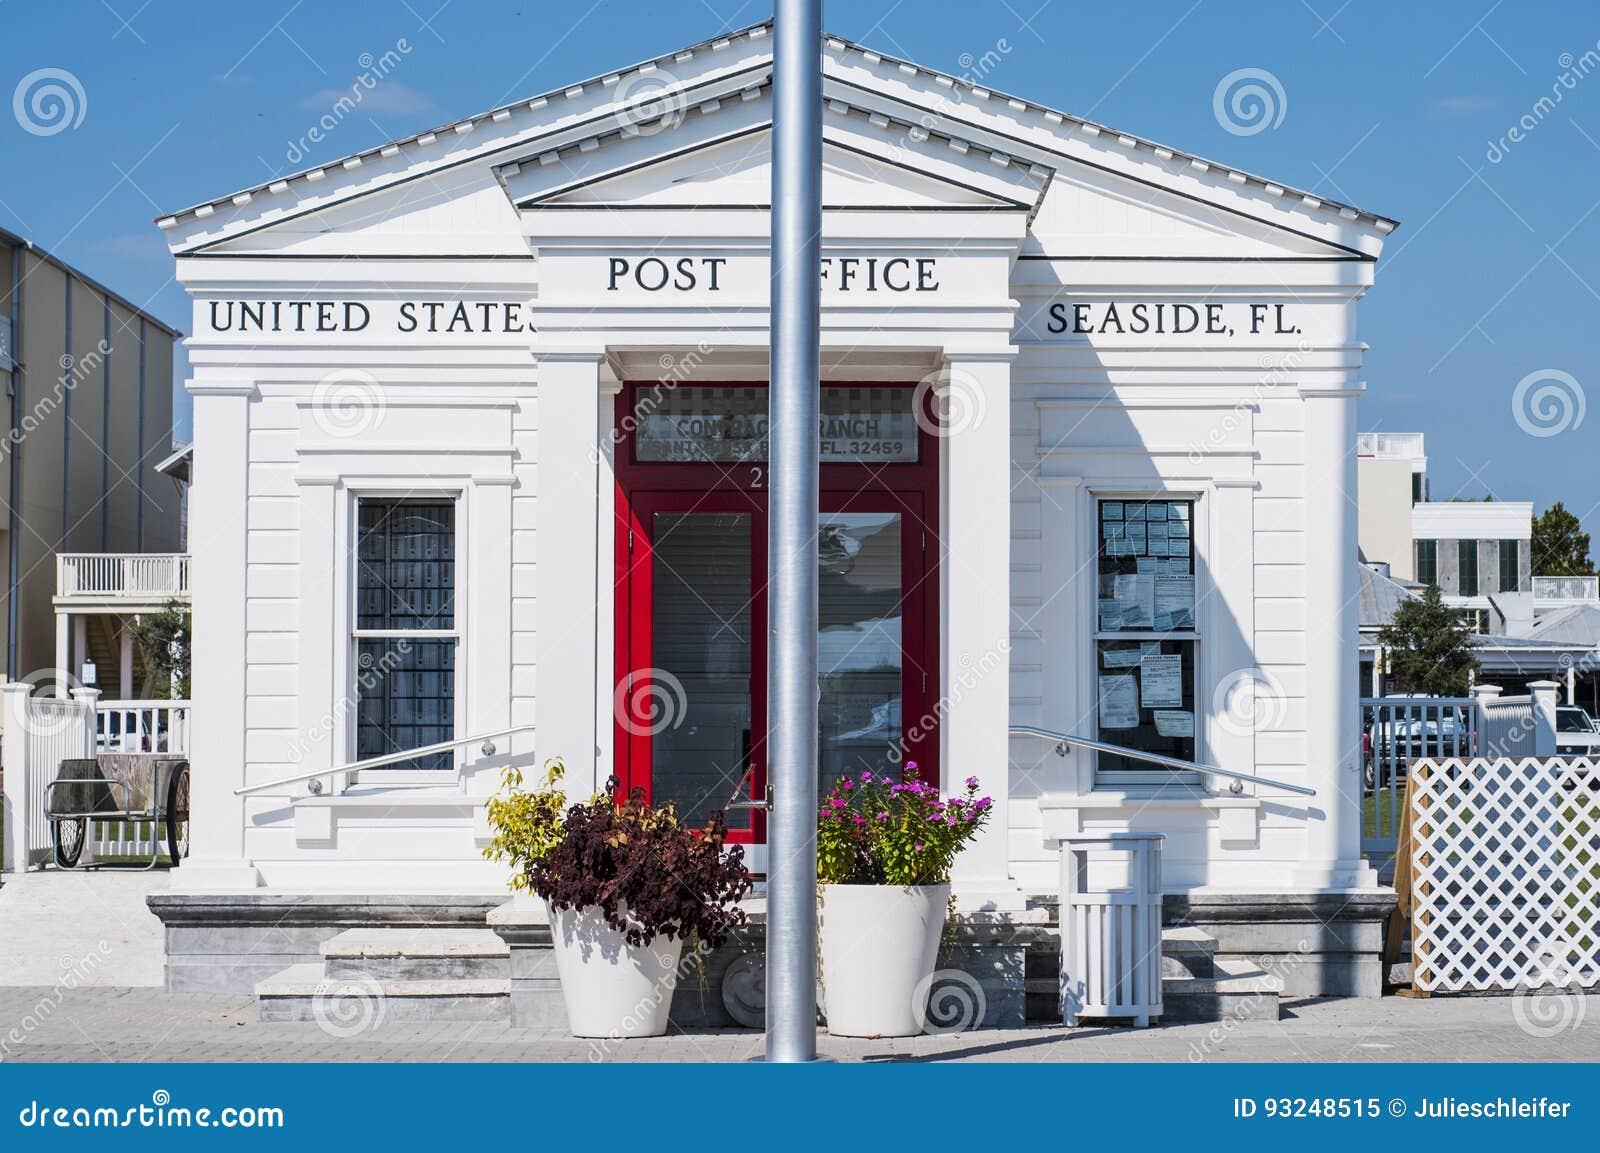 La oficina de correos de la ciudad de la playa